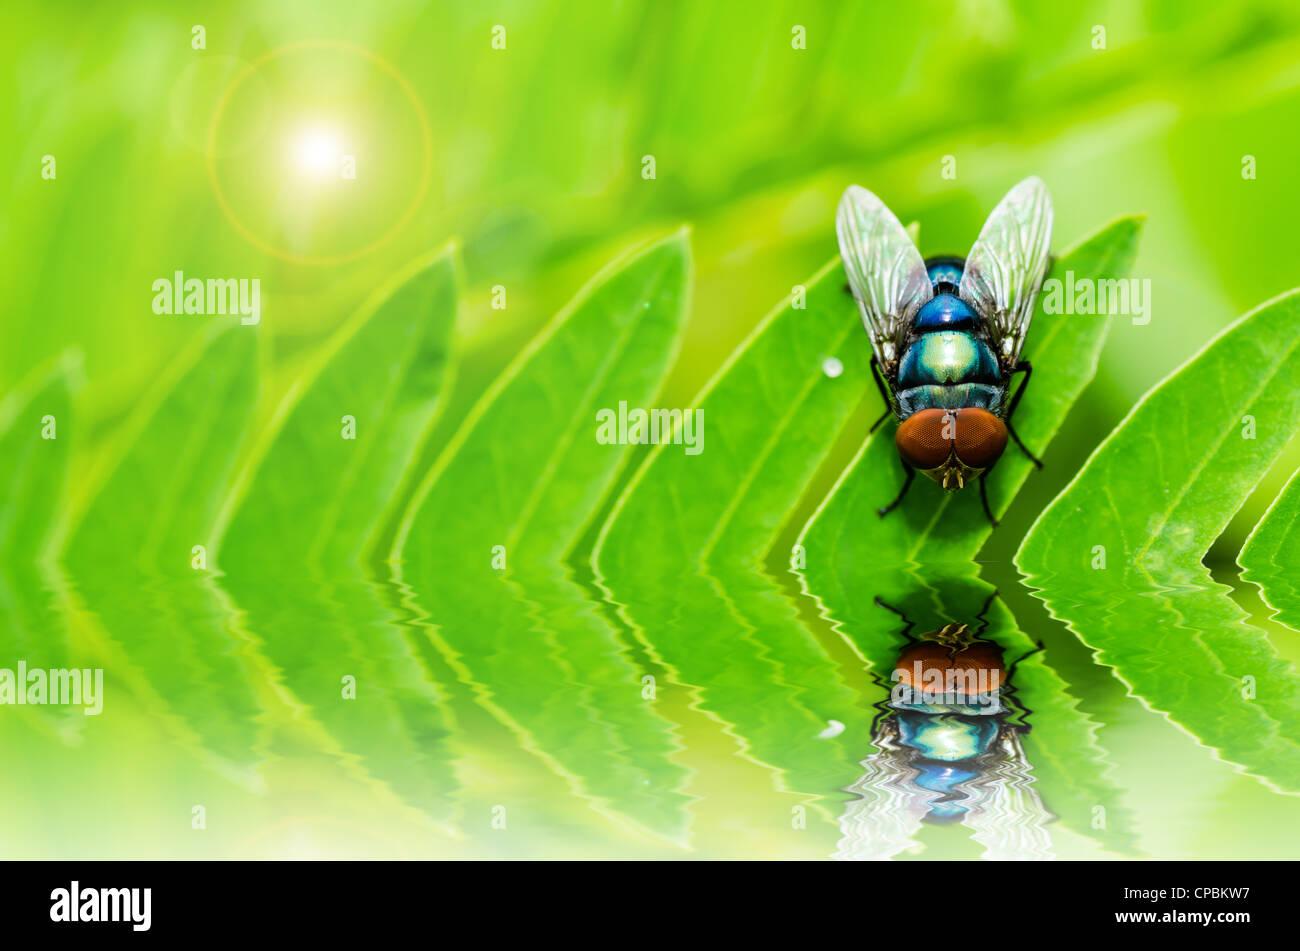 Fliegen Sie-Makro in der grünen Natur, in der Stadt oder auf Nahrung Stockbild